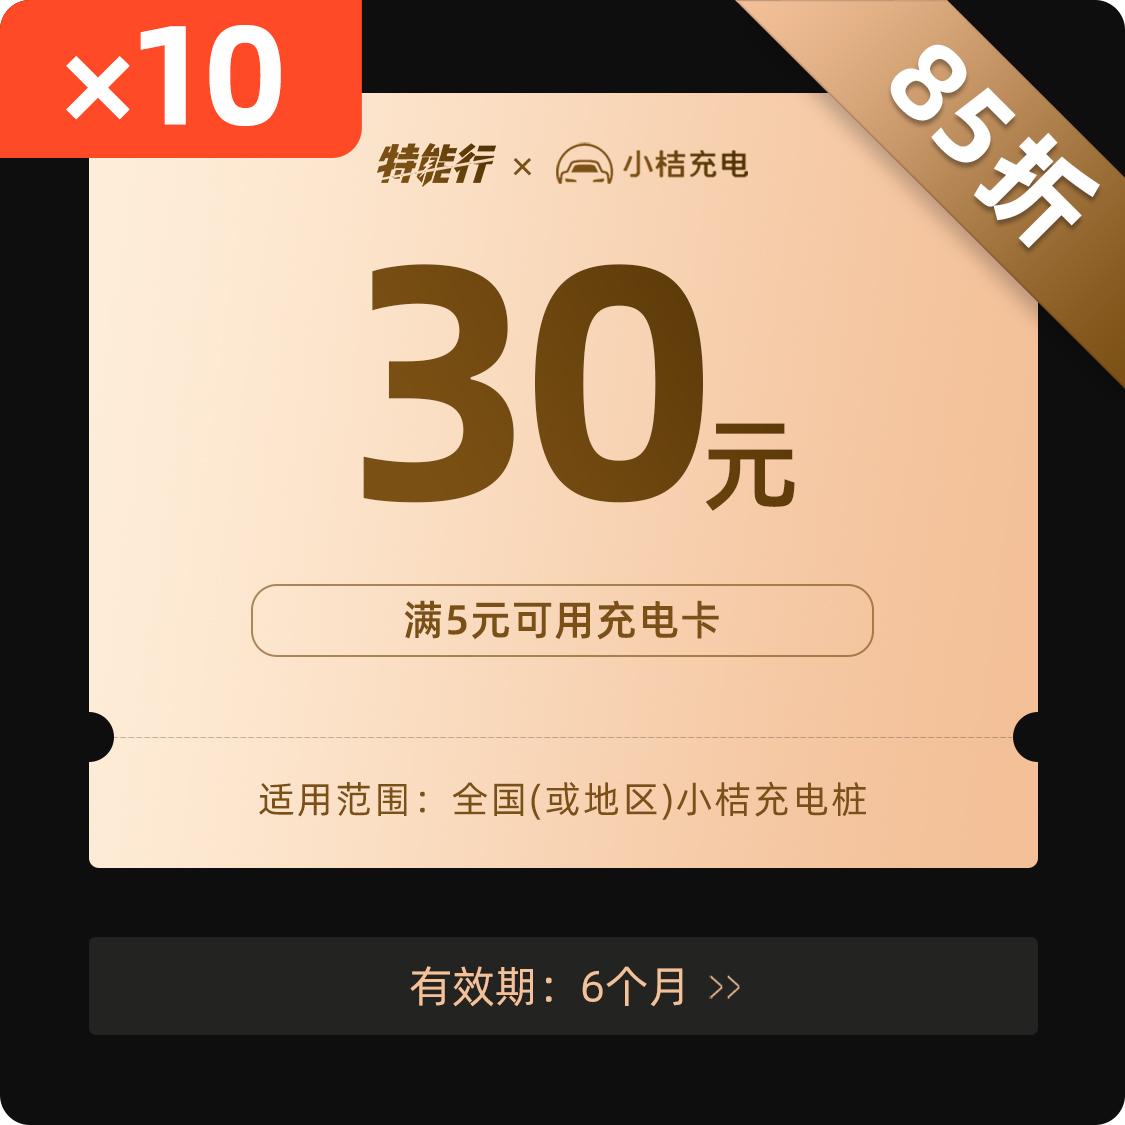 特能行电动汽车充电券30×10张限全国小桔充电使用